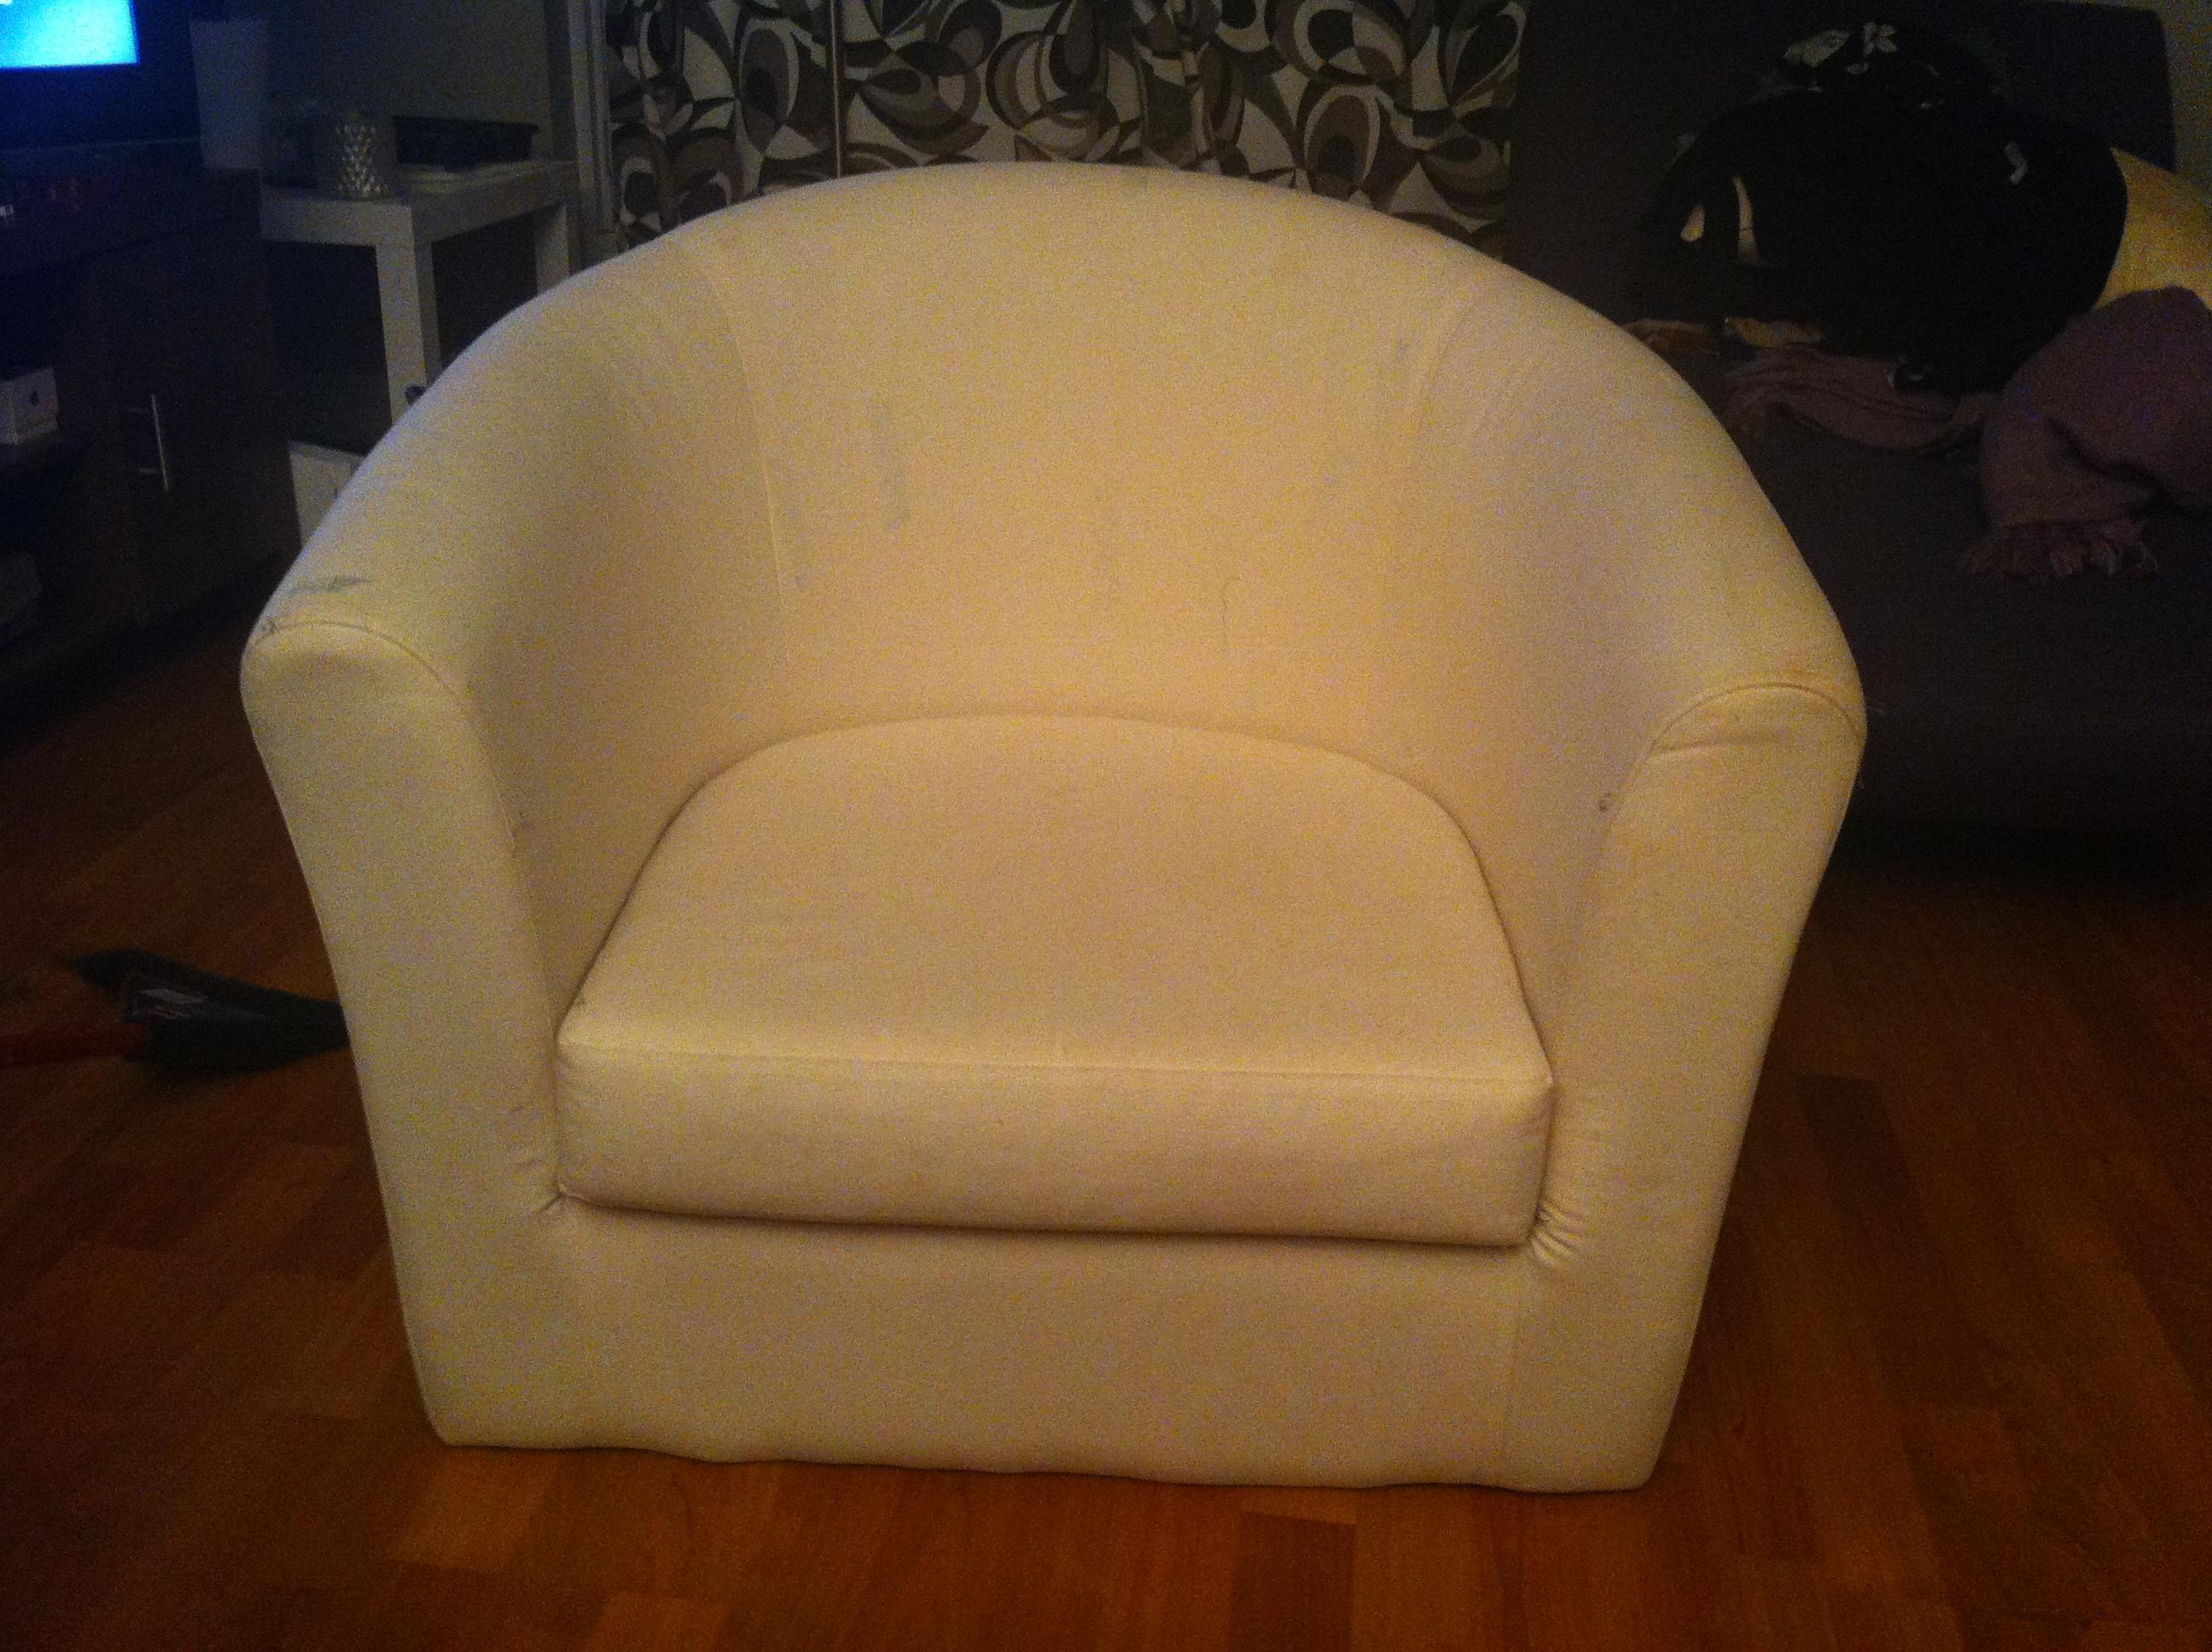 Wondrous Diy Upholstery Ikea Tullsta Random Relevance Ncnpc Chair Design For Home Ncnpcorg